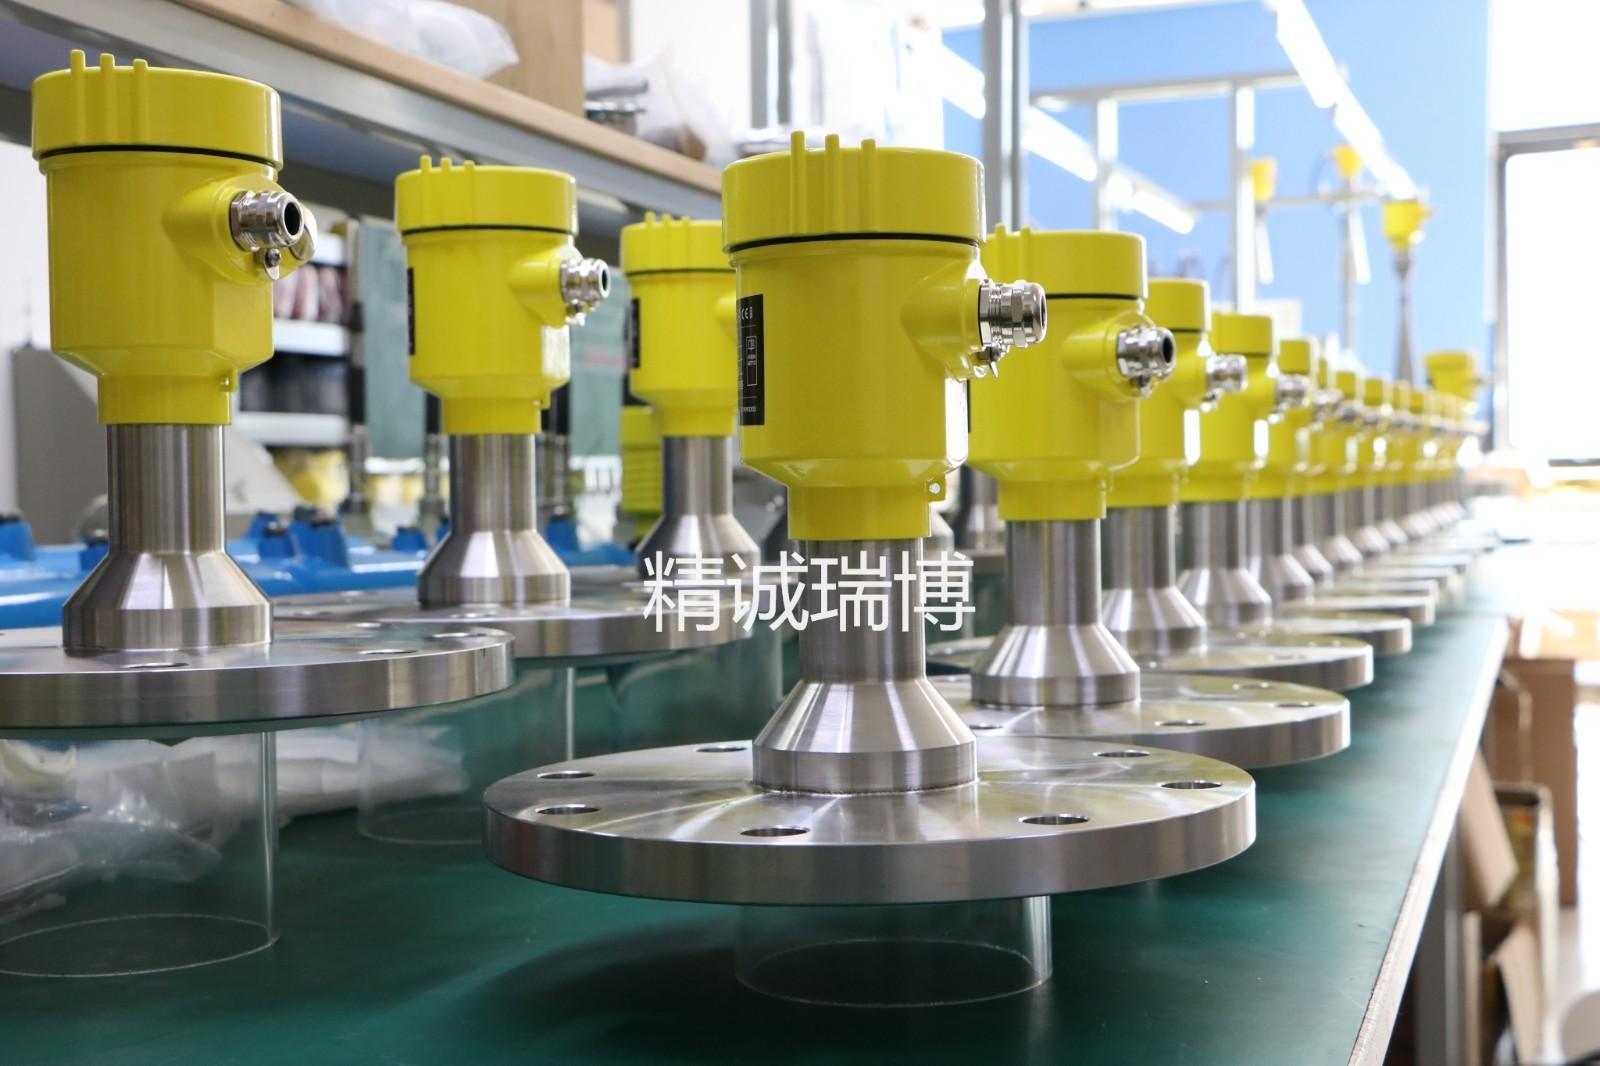 雷达液位计常规故障类型及日常维护手段